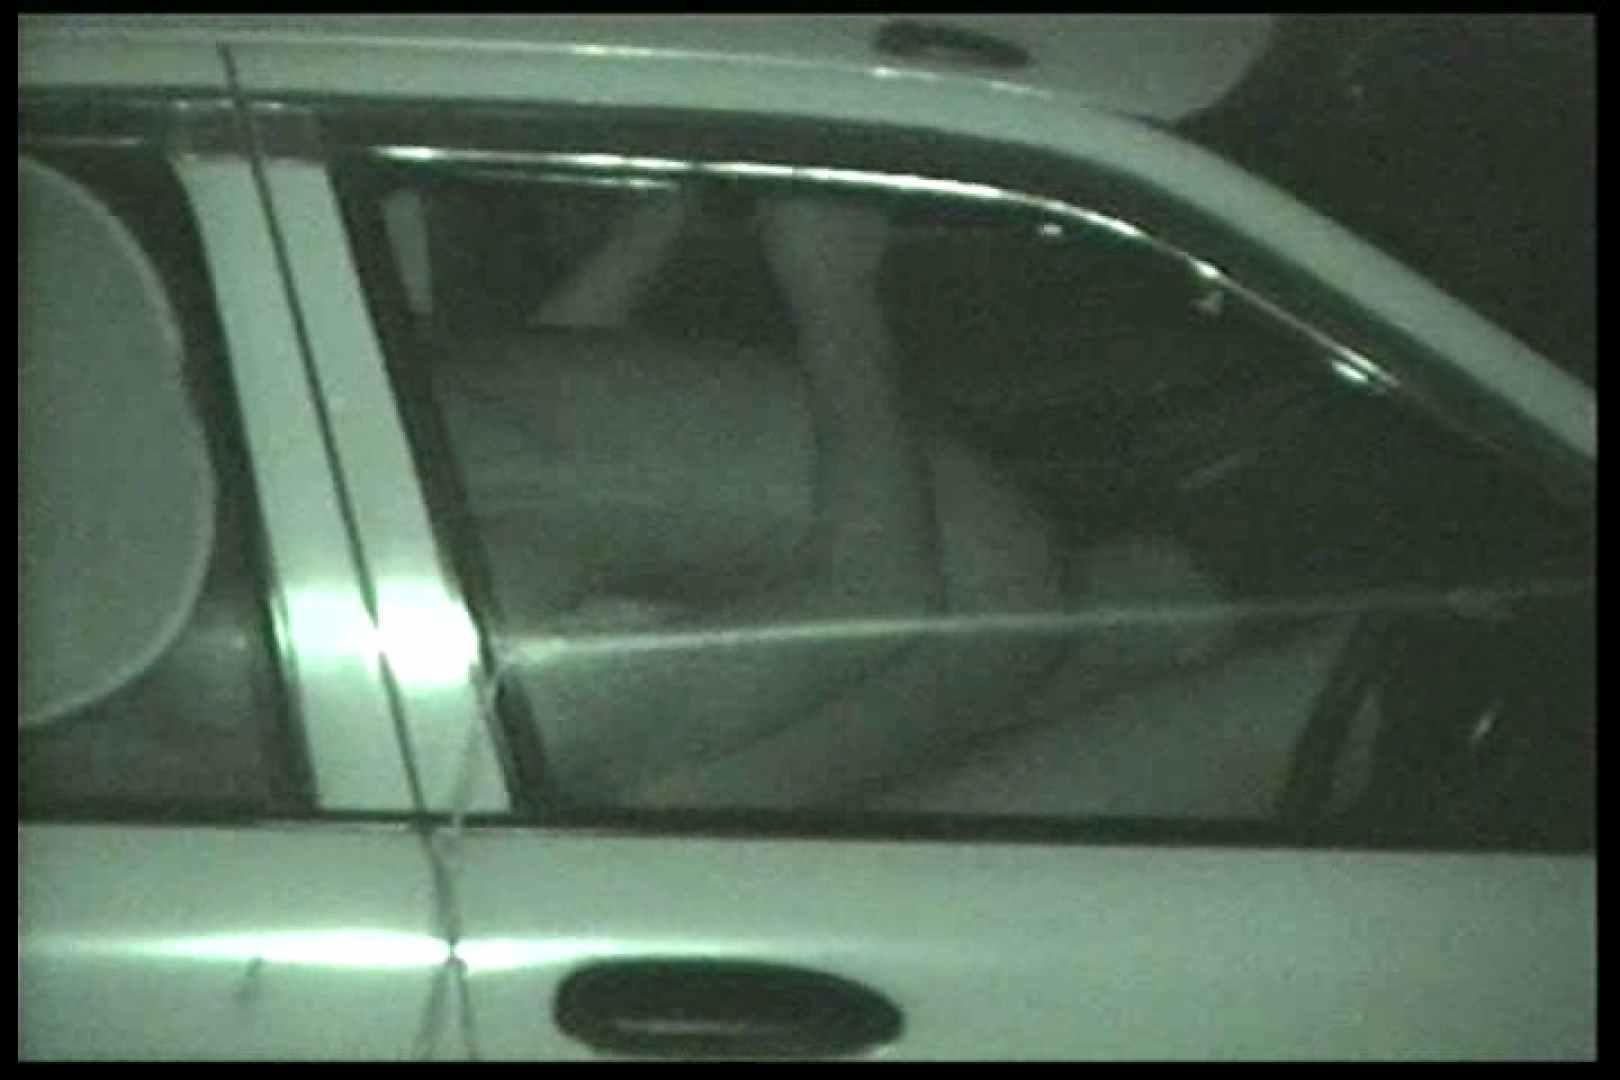 車の中はラブホテル 無修正版  Vol.15 ホテル隠し撮り AV無料 77pic 11